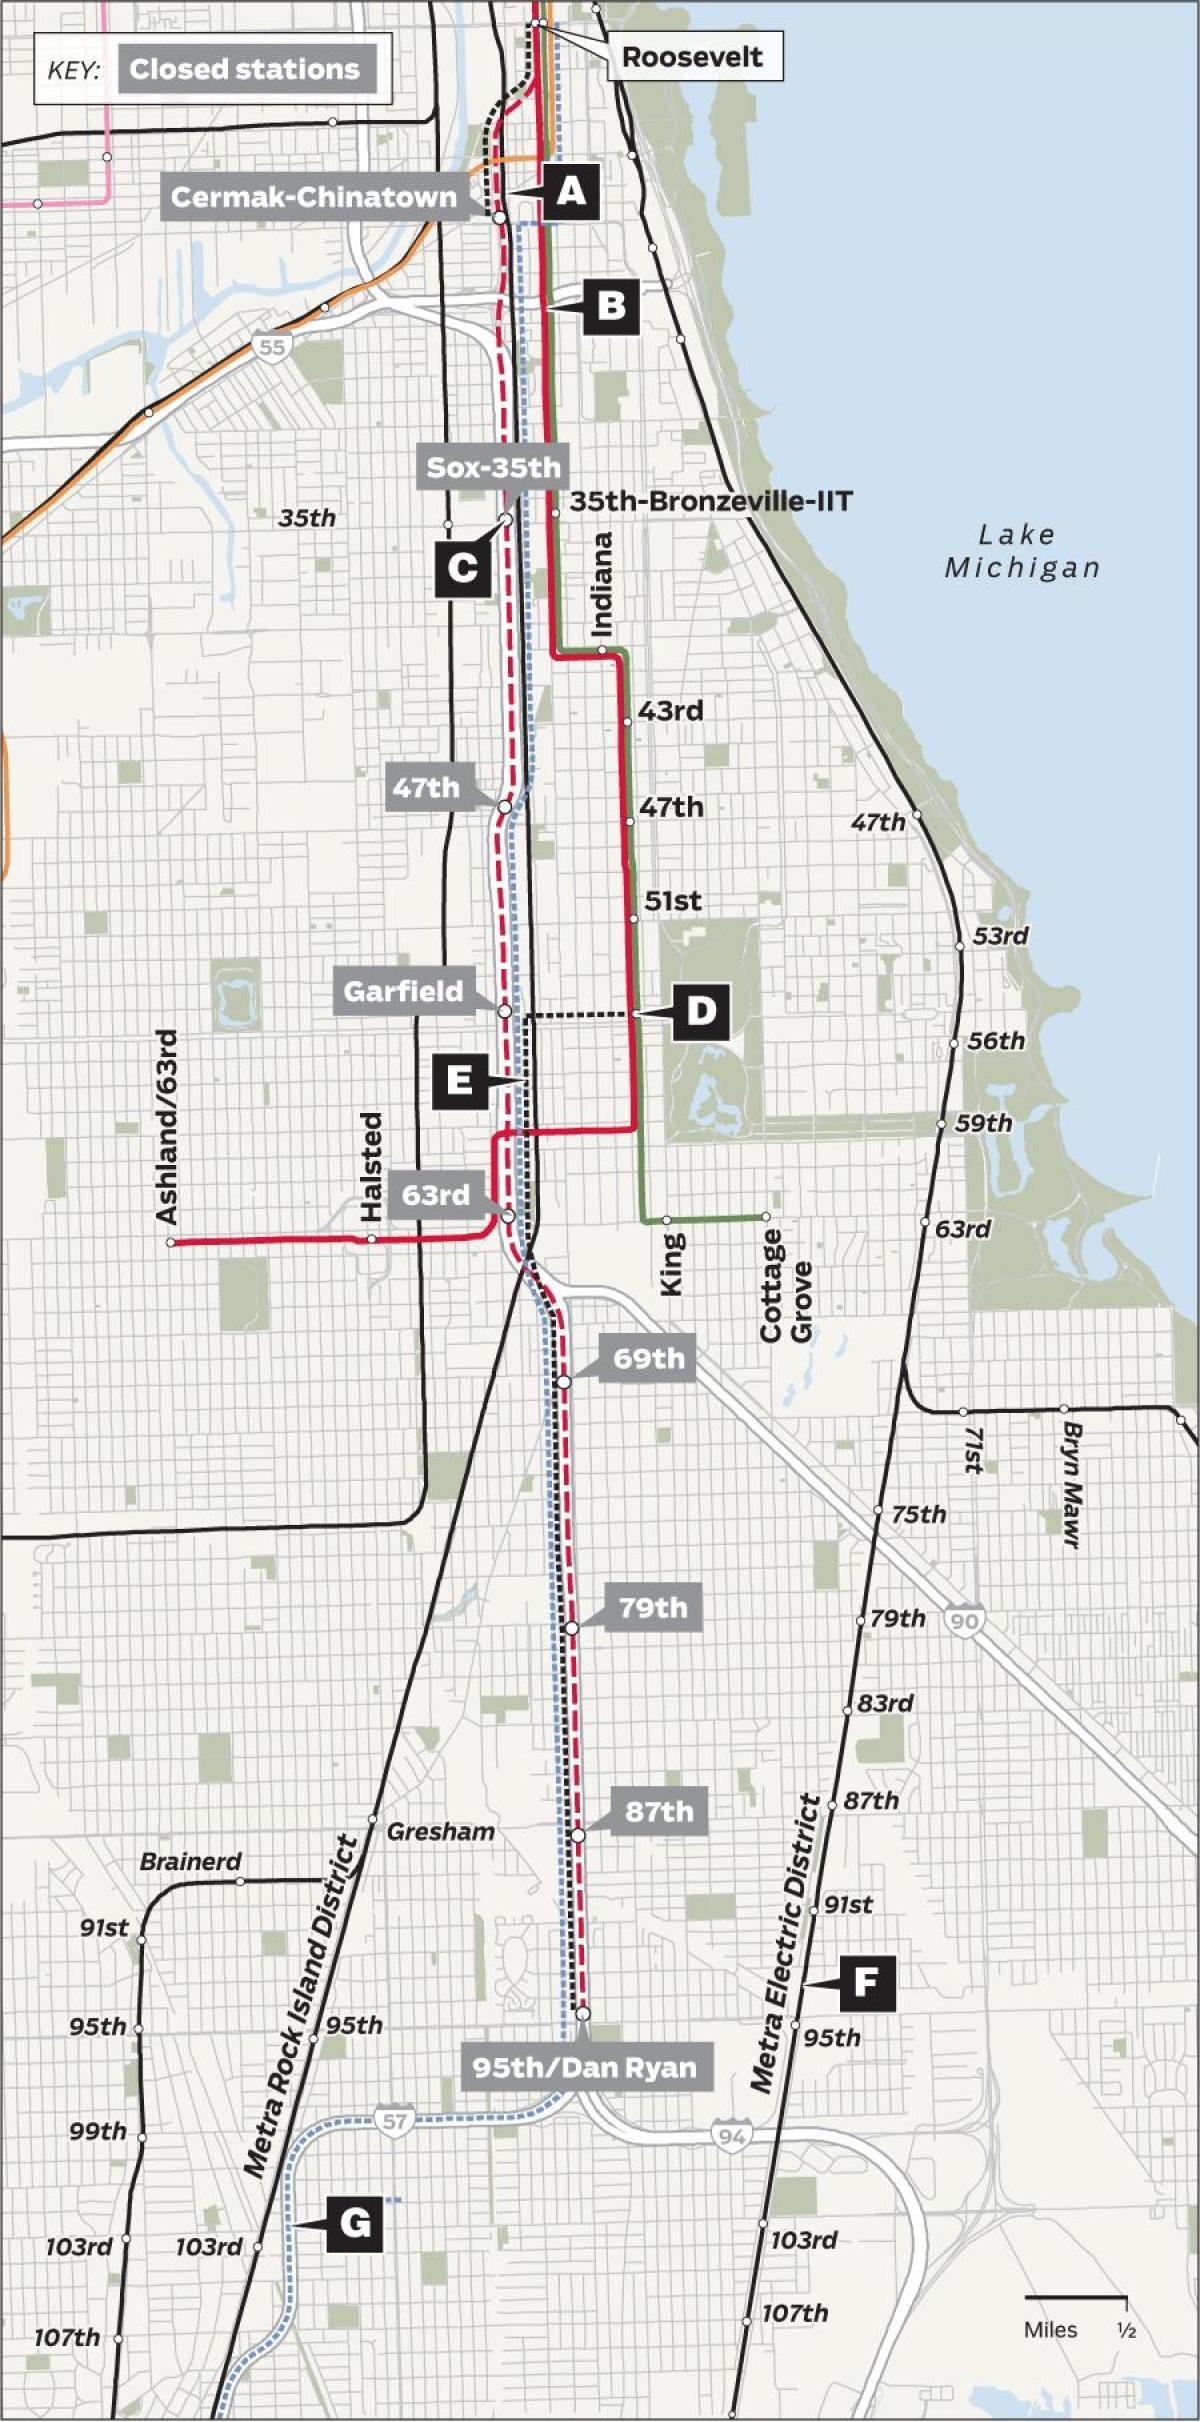 Karta Usa Chicago.Chicago Redline Karta Redline Chicago Karta Usa